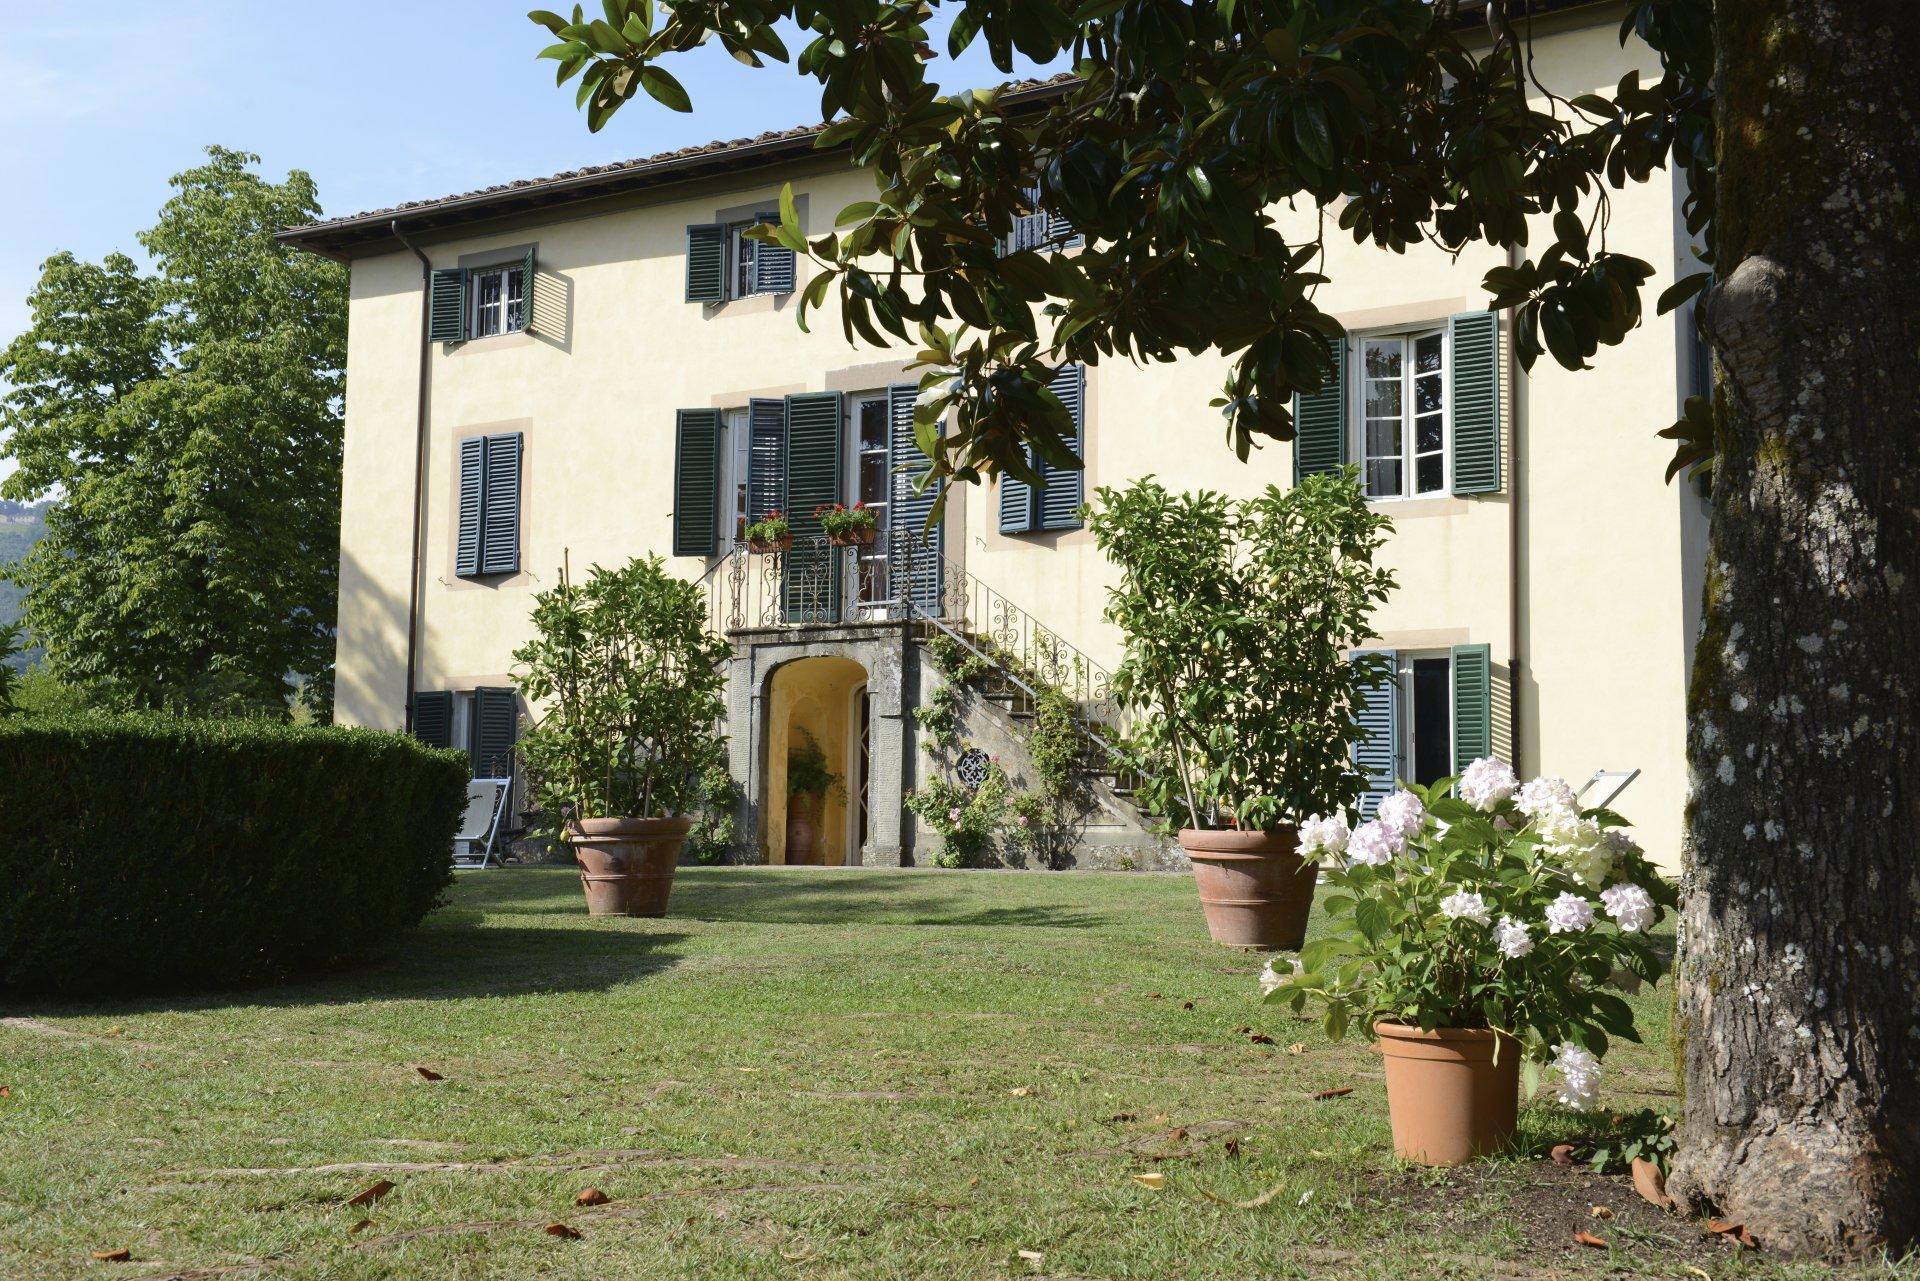 Villa Exterior, Il Maniero, Lucca, Tuscany.